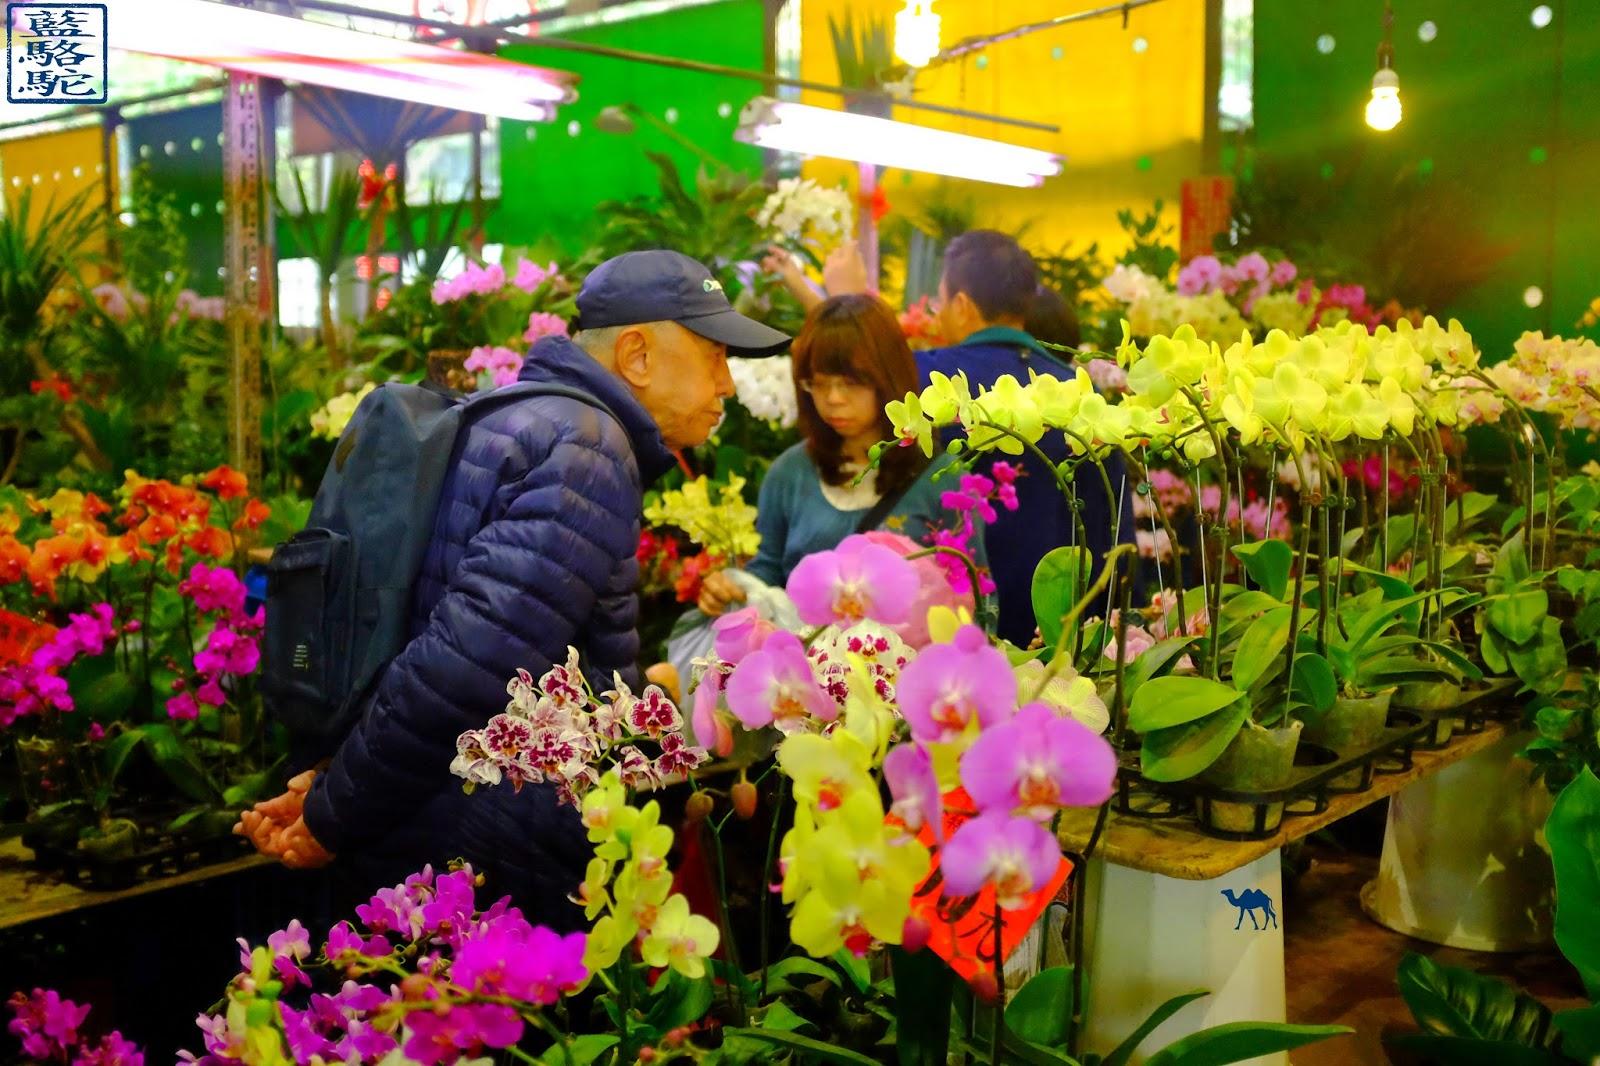 Le Chameau Bleu - Taiwan - Marché aux fleurs de Taipei La Capitale